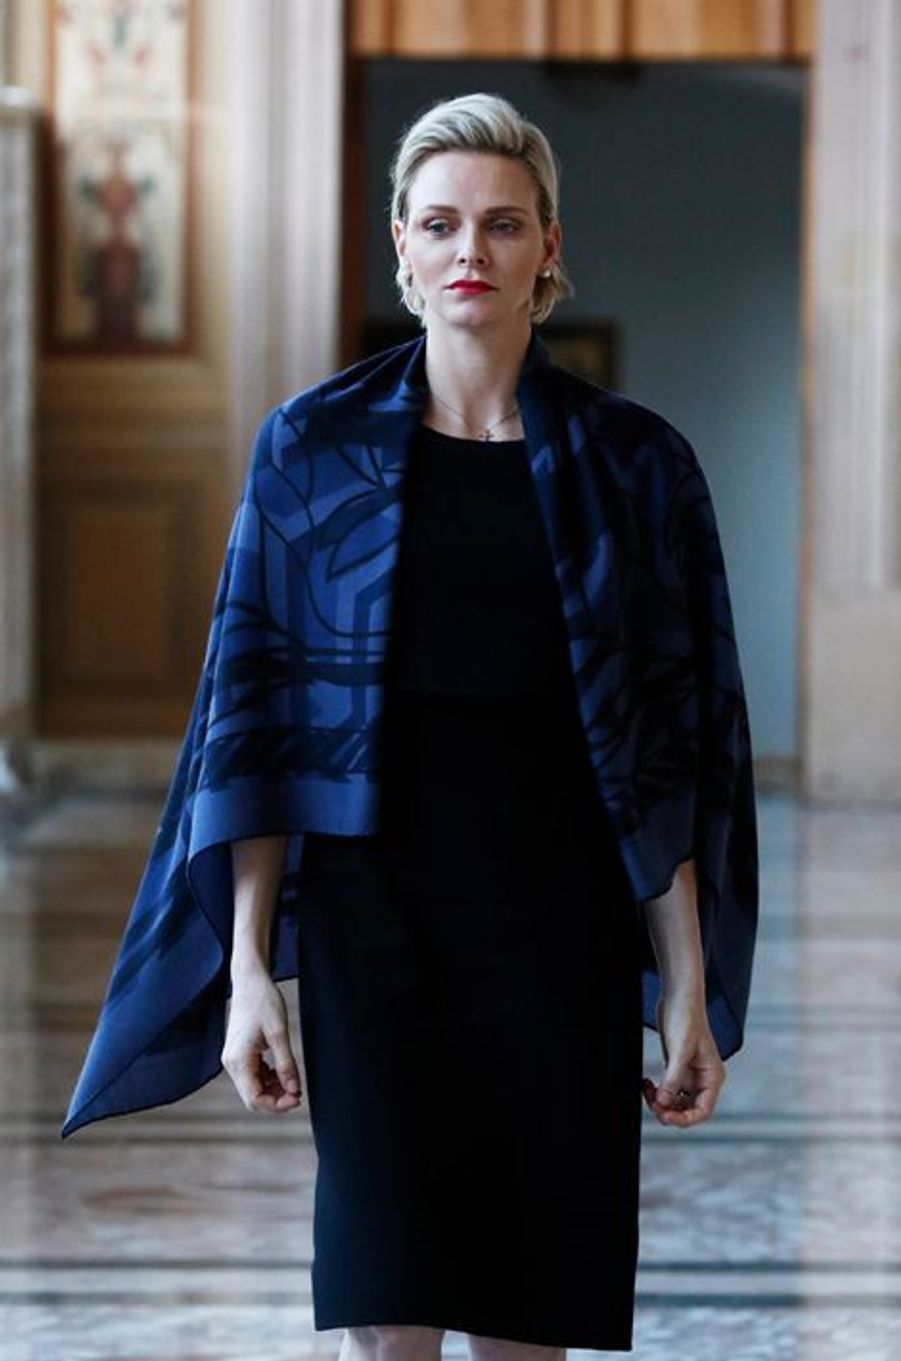 La princesse Charlène lors de la bénédiction de la Fête-Dieu dans la cour du Palais princier de Monaco, le 4 juin 2015